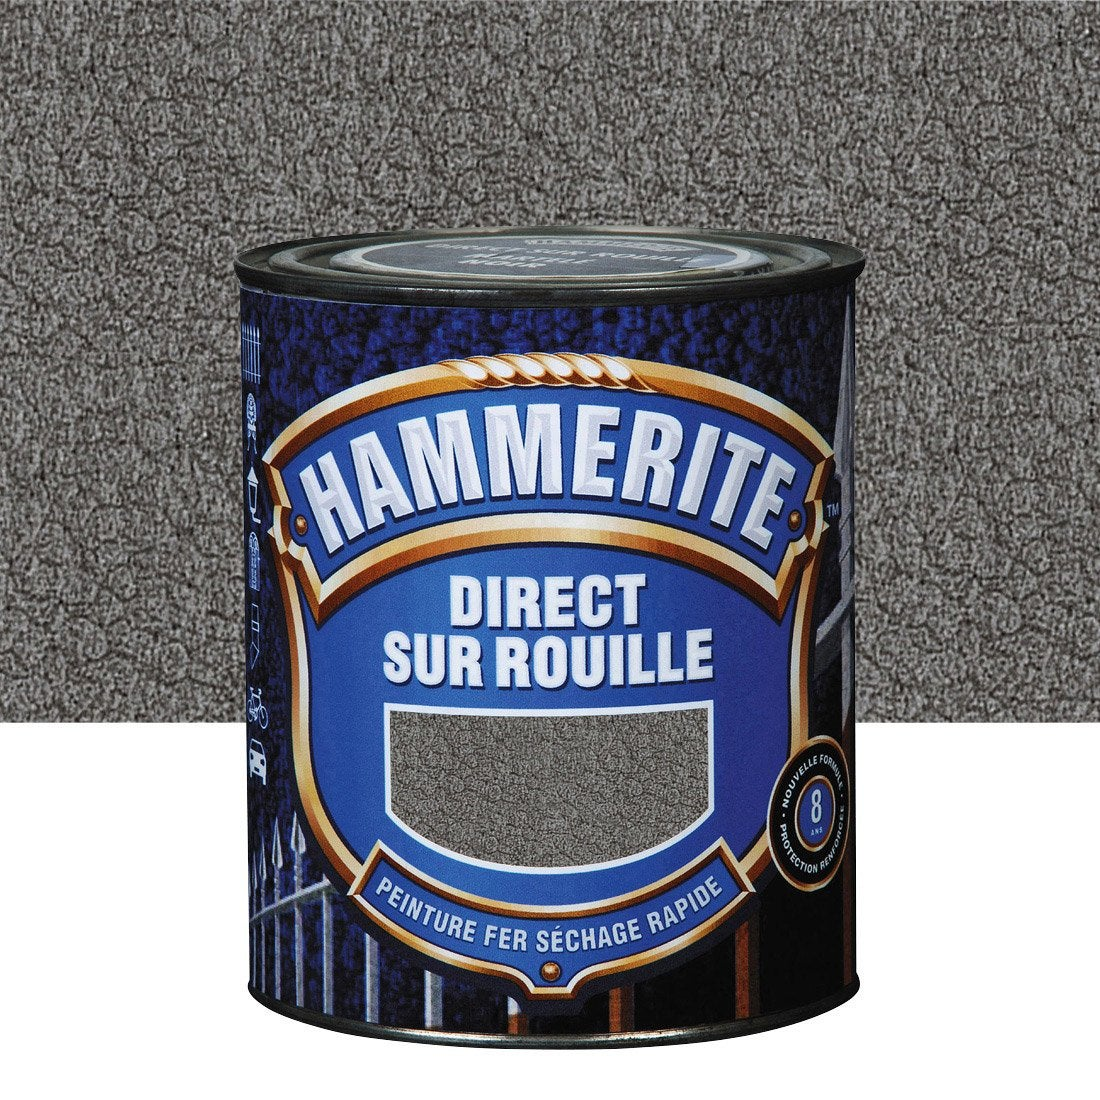 Peinture Fer Extérieur Ardoise 25 L Hammerite Leroy Merlin